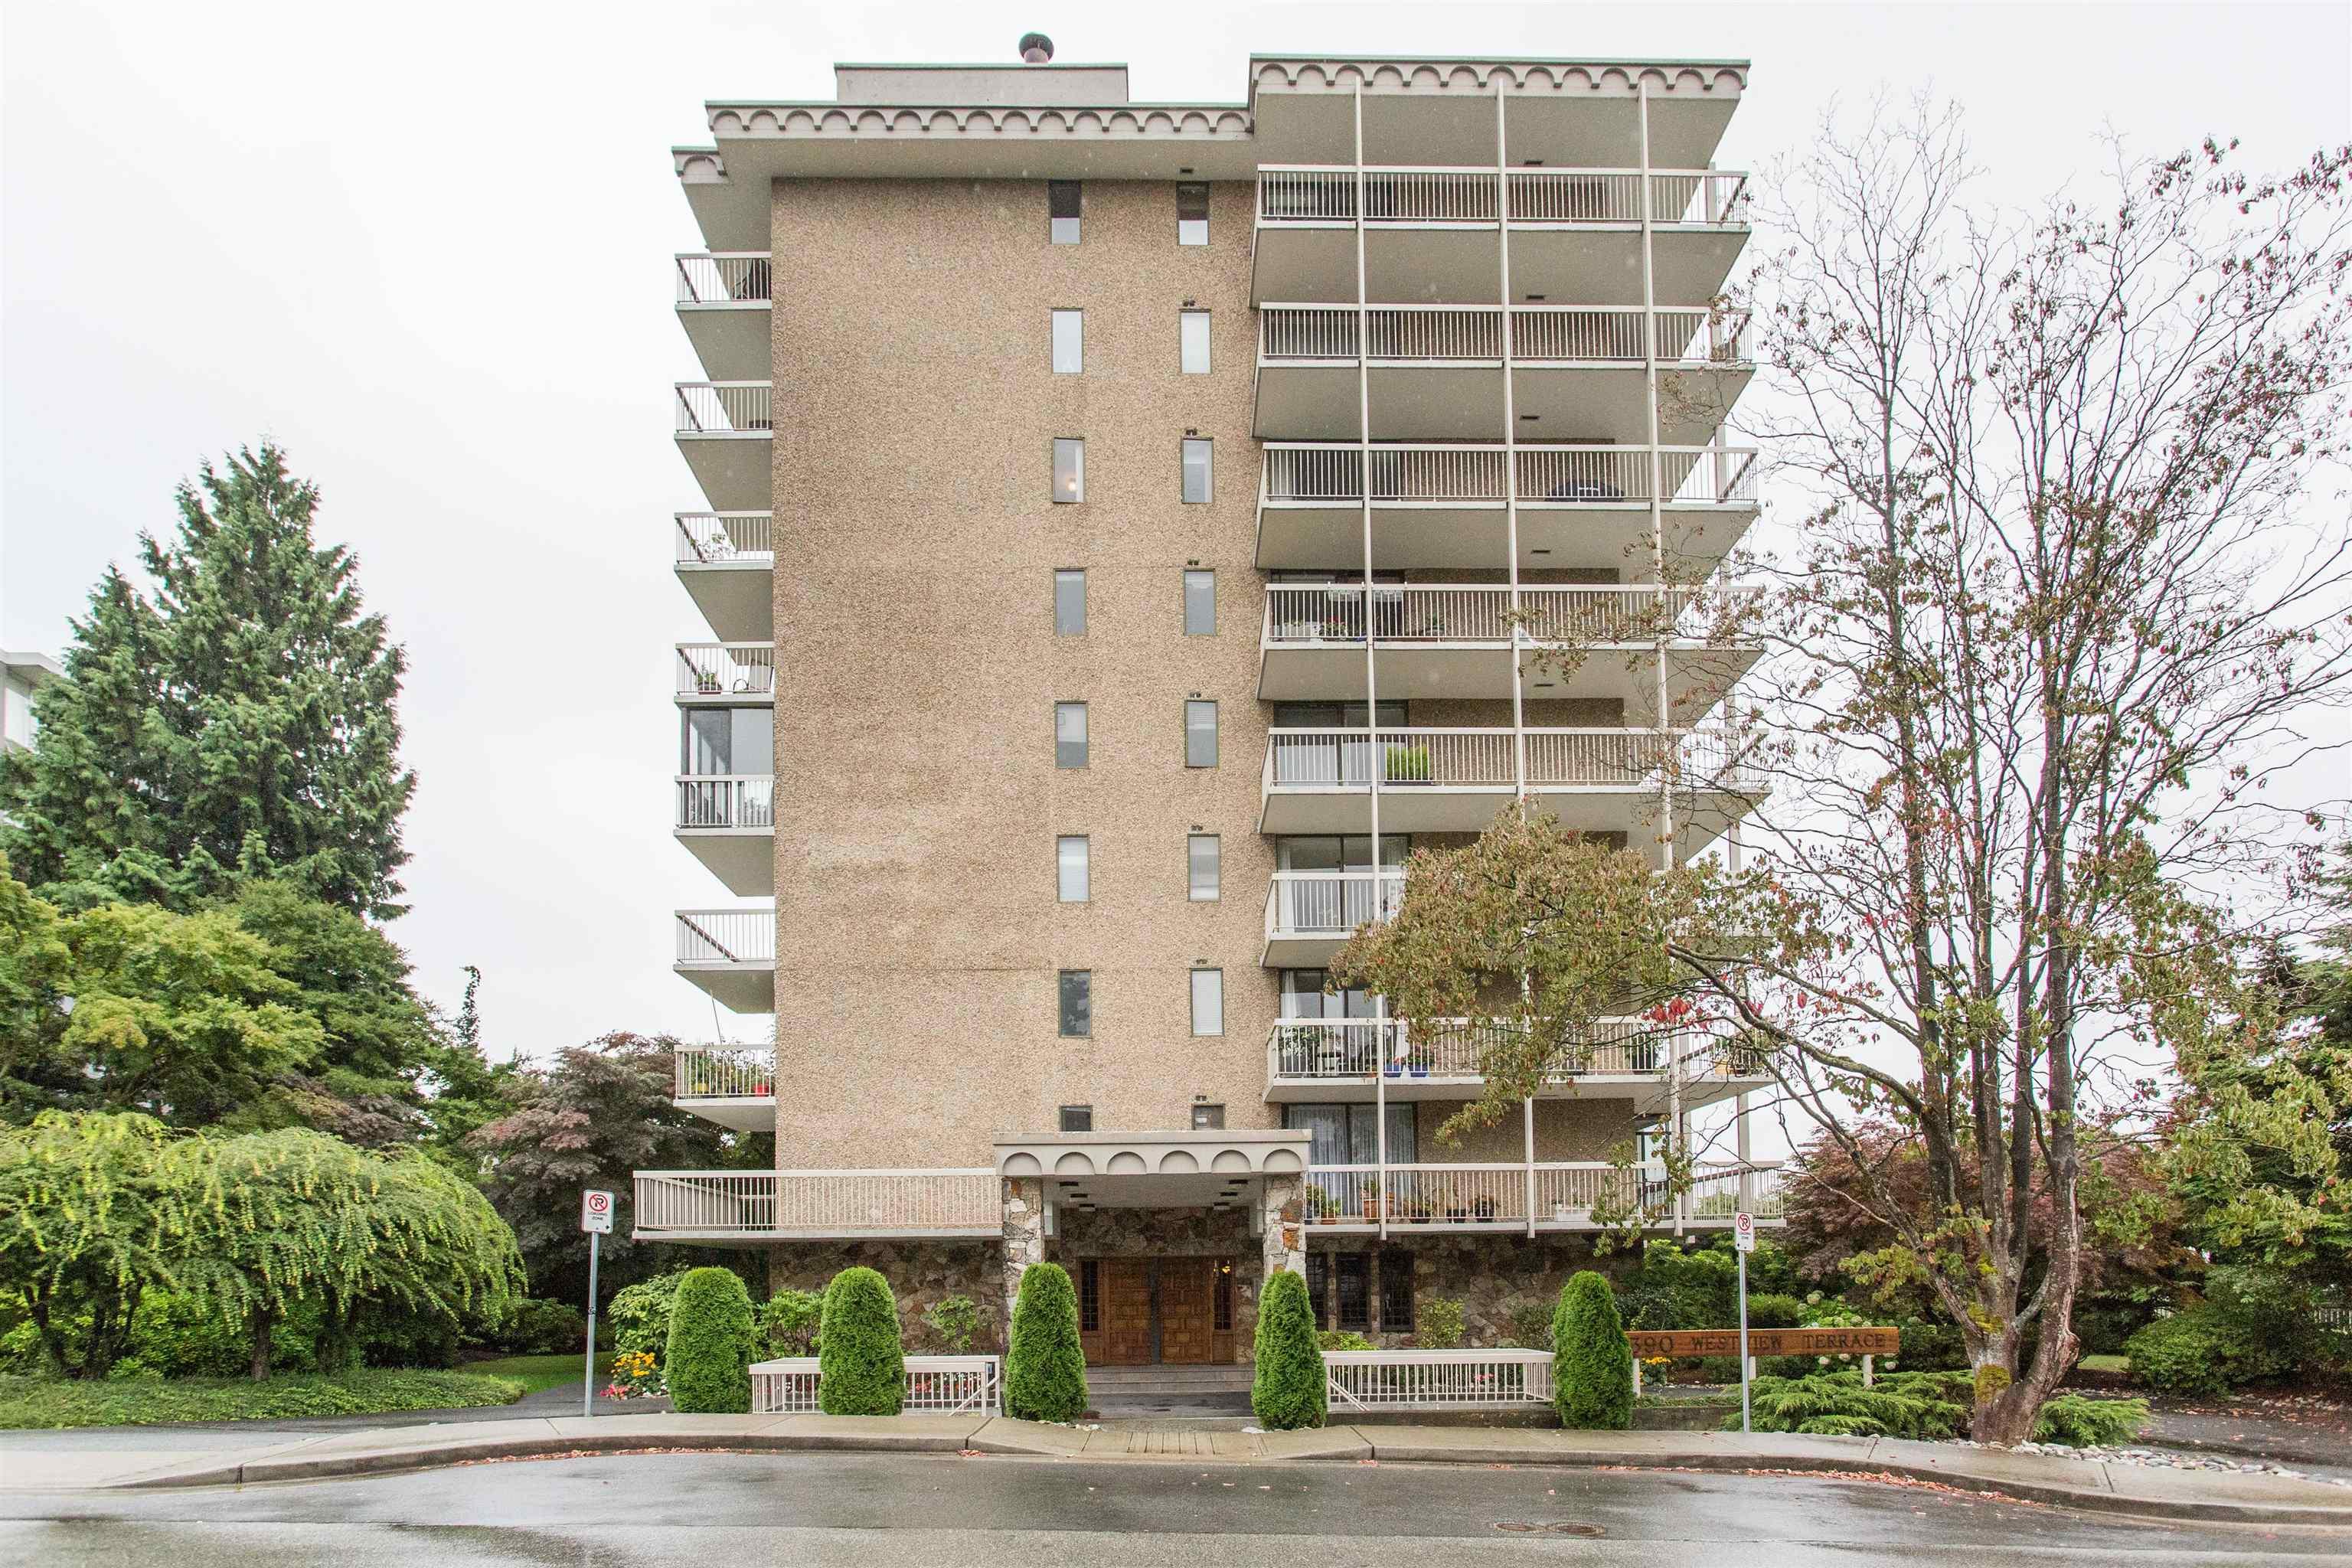 203 1390 DUCHESS AVENUE - Ambleside Apartment/Condo for sale, 1 Bedroom (R2611618) - #38